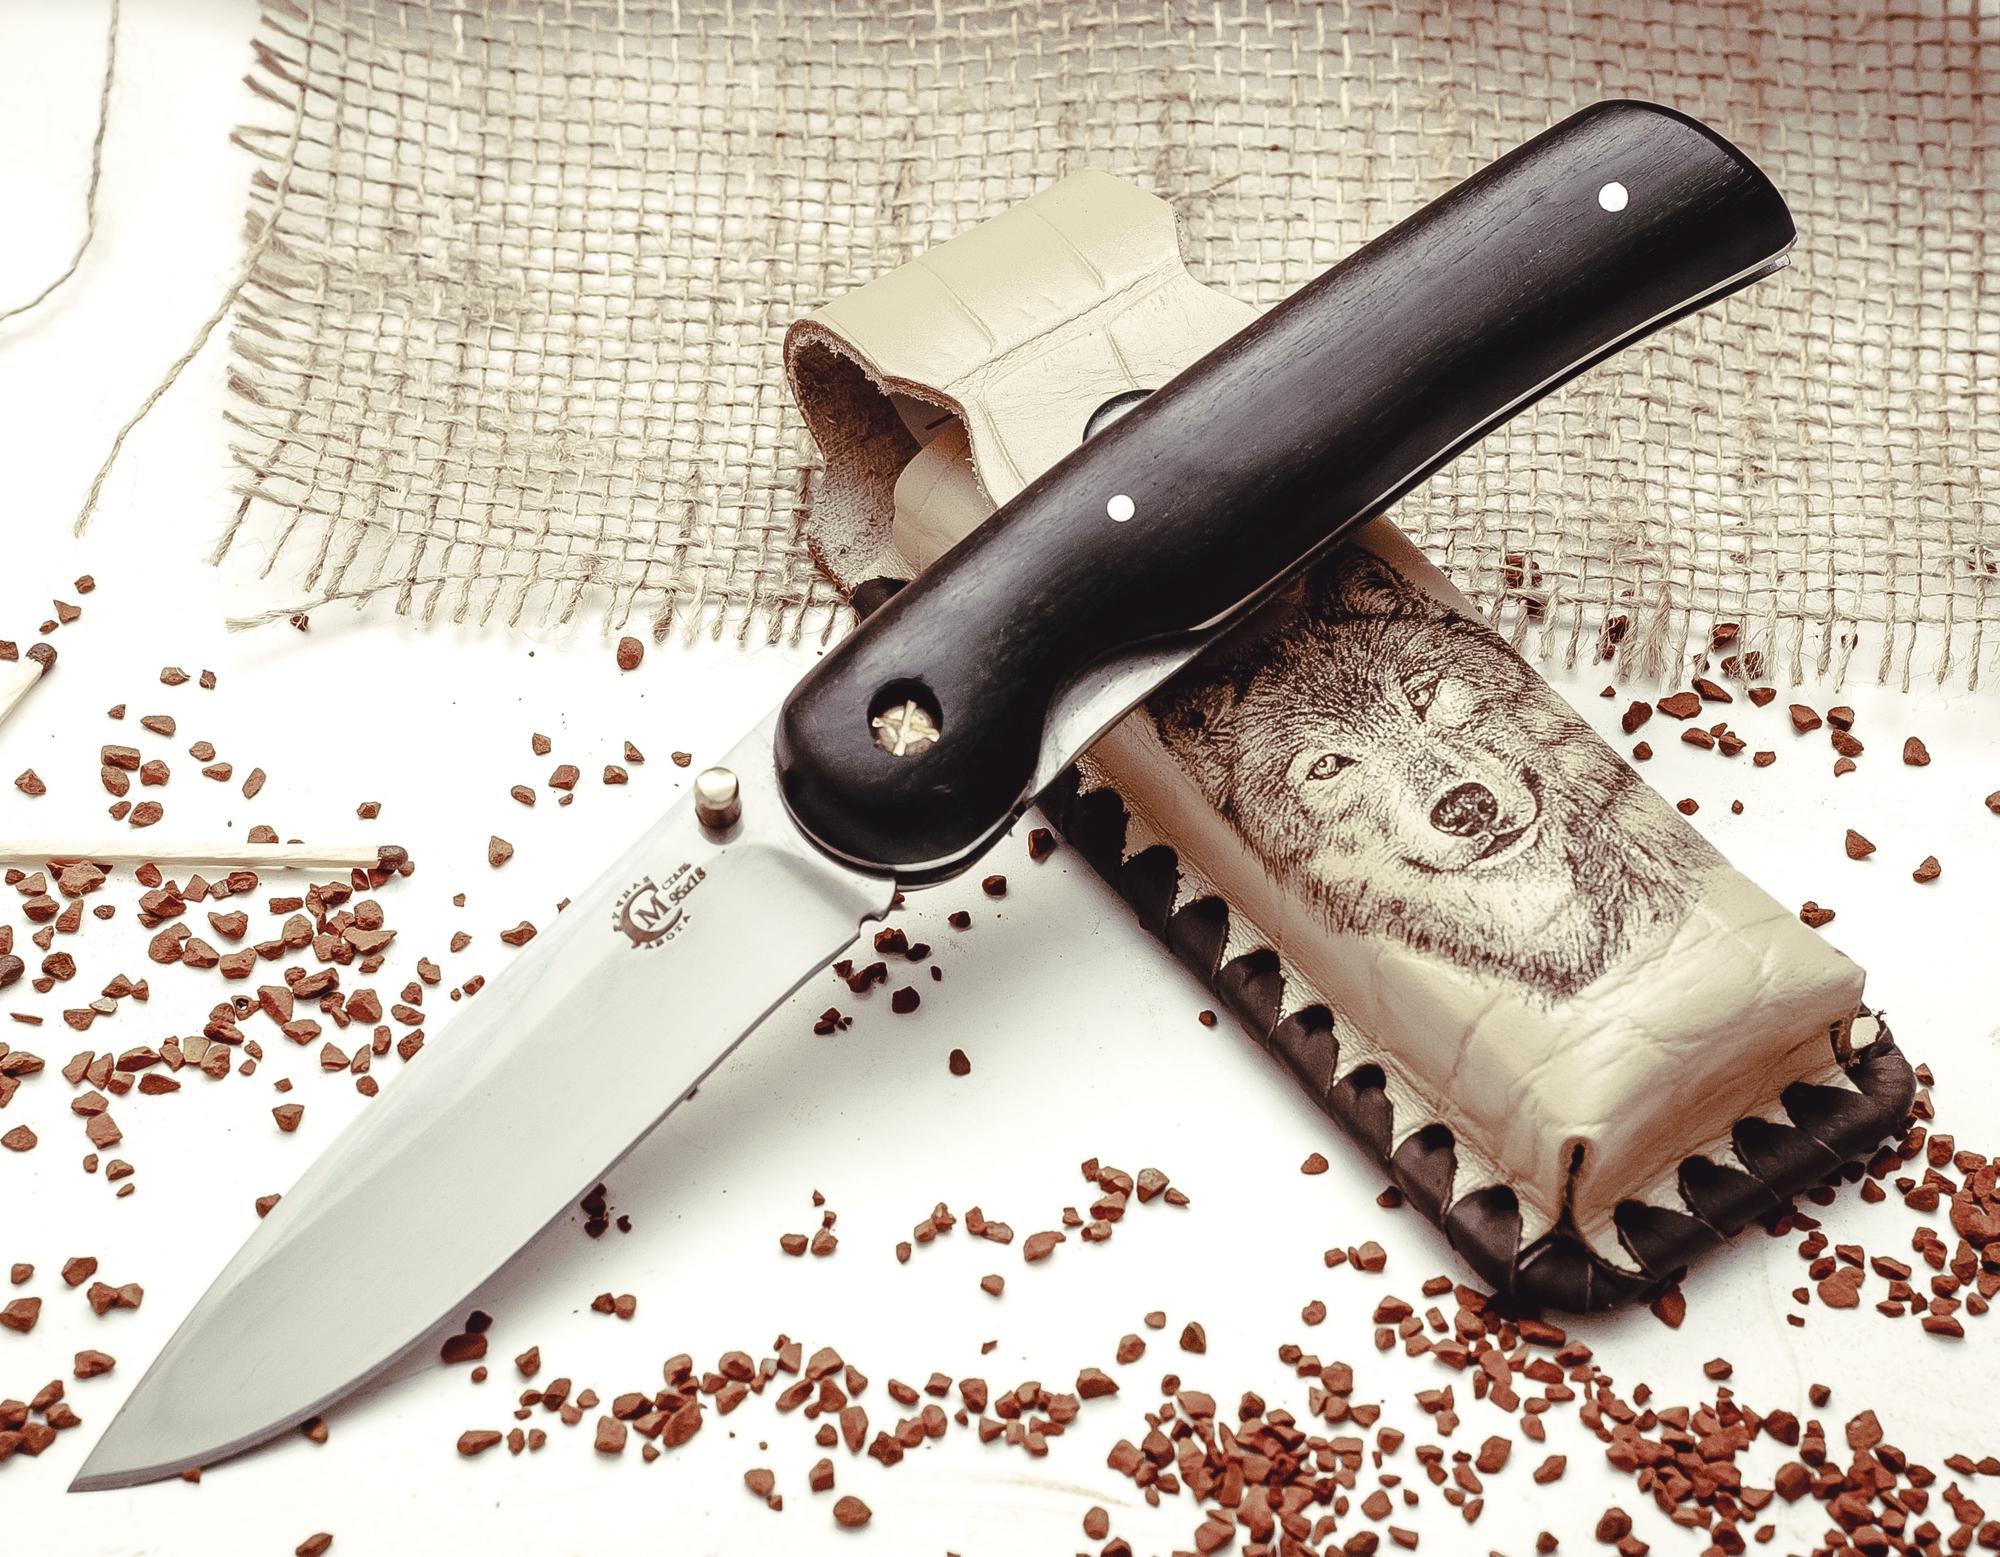 Складной нож «Амур» из нержавеющей стали 95Х18, Ворсма отличное качество плодов нож лезвие нержавеющей стали марки xyj высокой твердости 3 5 из нержавеющей стали обрезать кухонный н